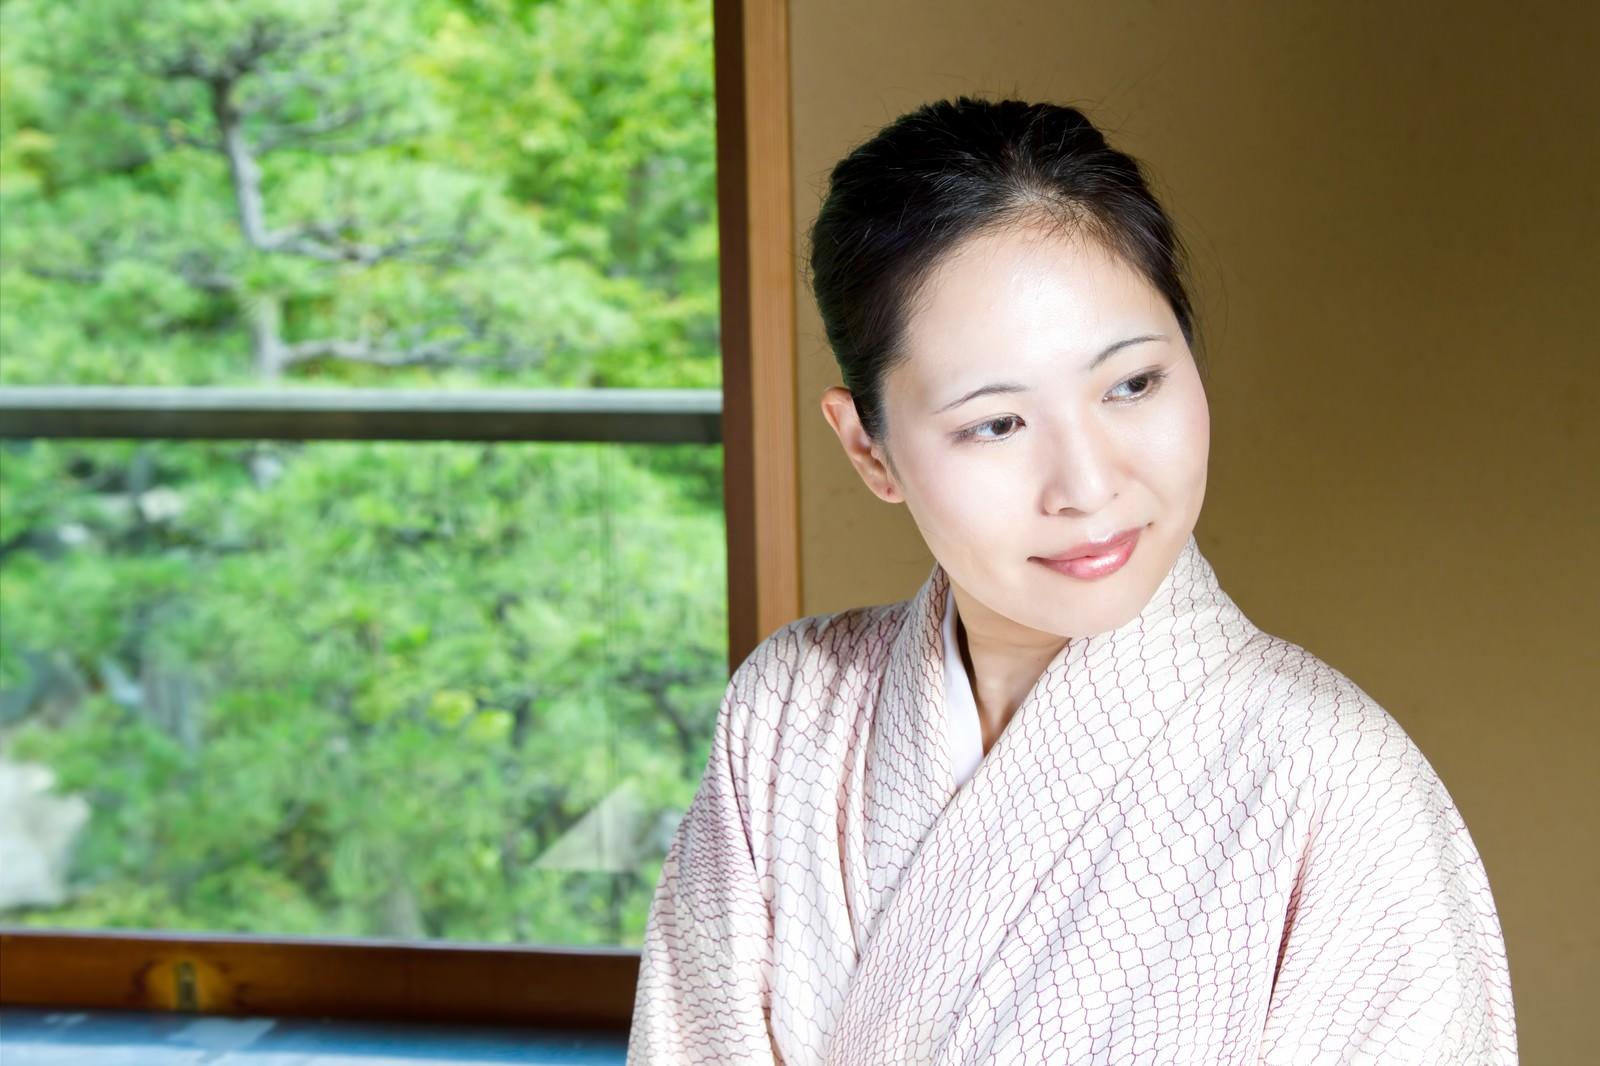 「窓辺に座る着物の女性窓辺に座る着物の女性」[モデル:きせんひろみ]のフリー写真素材を拡大